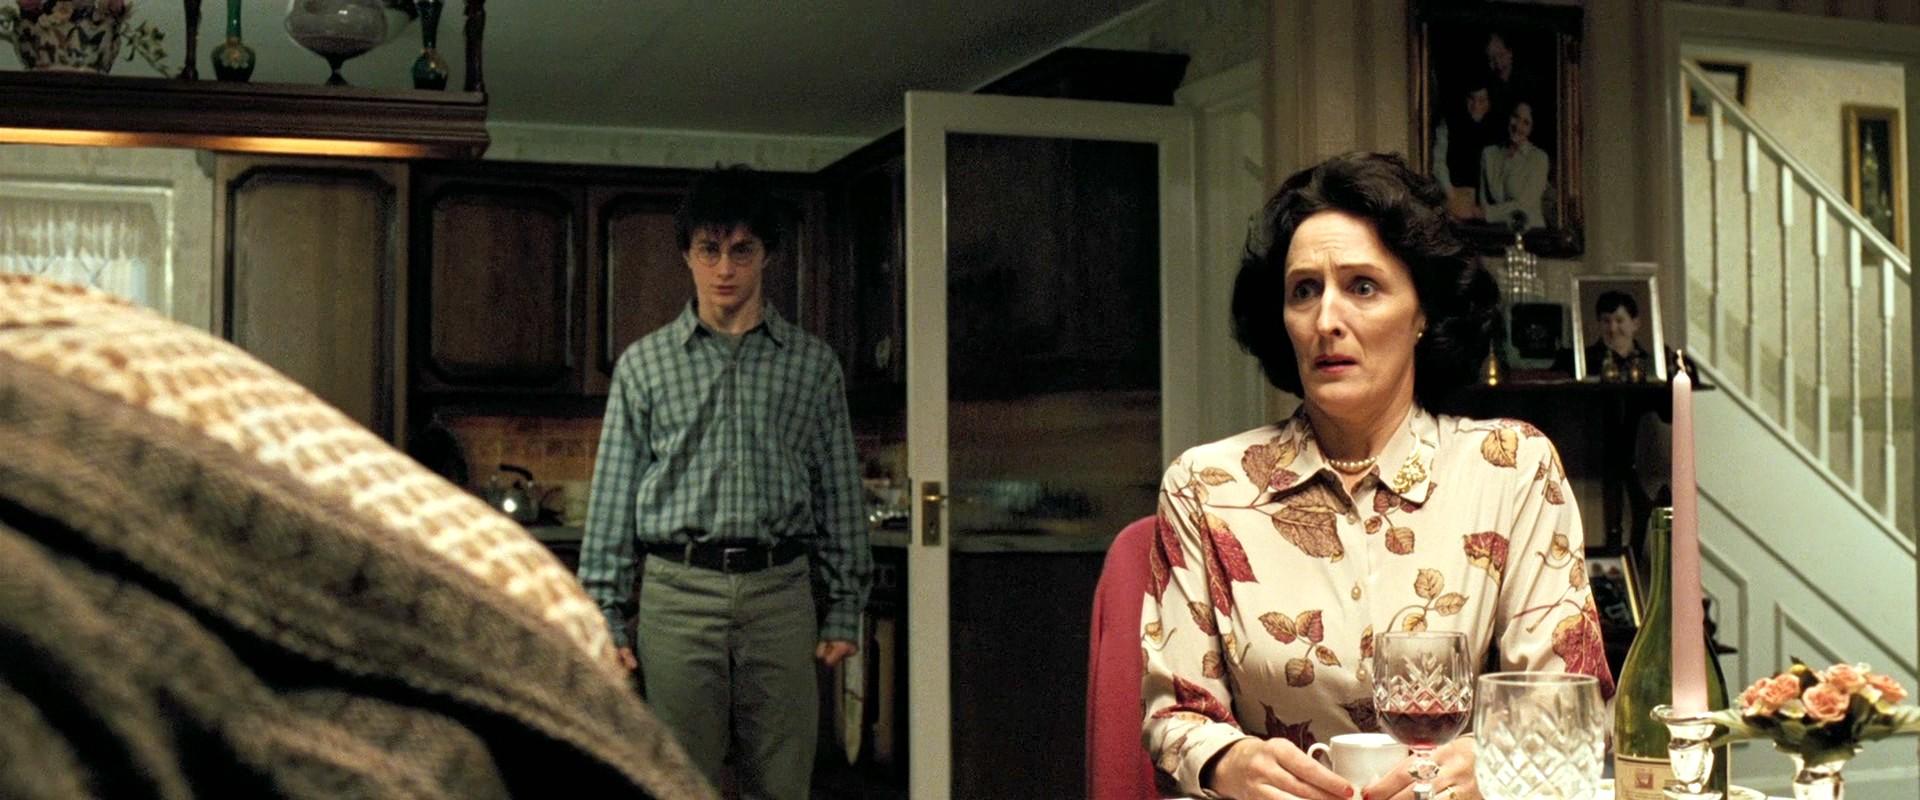 La triste teoría sobre la tía de Harry Potter que sorprende a los fans